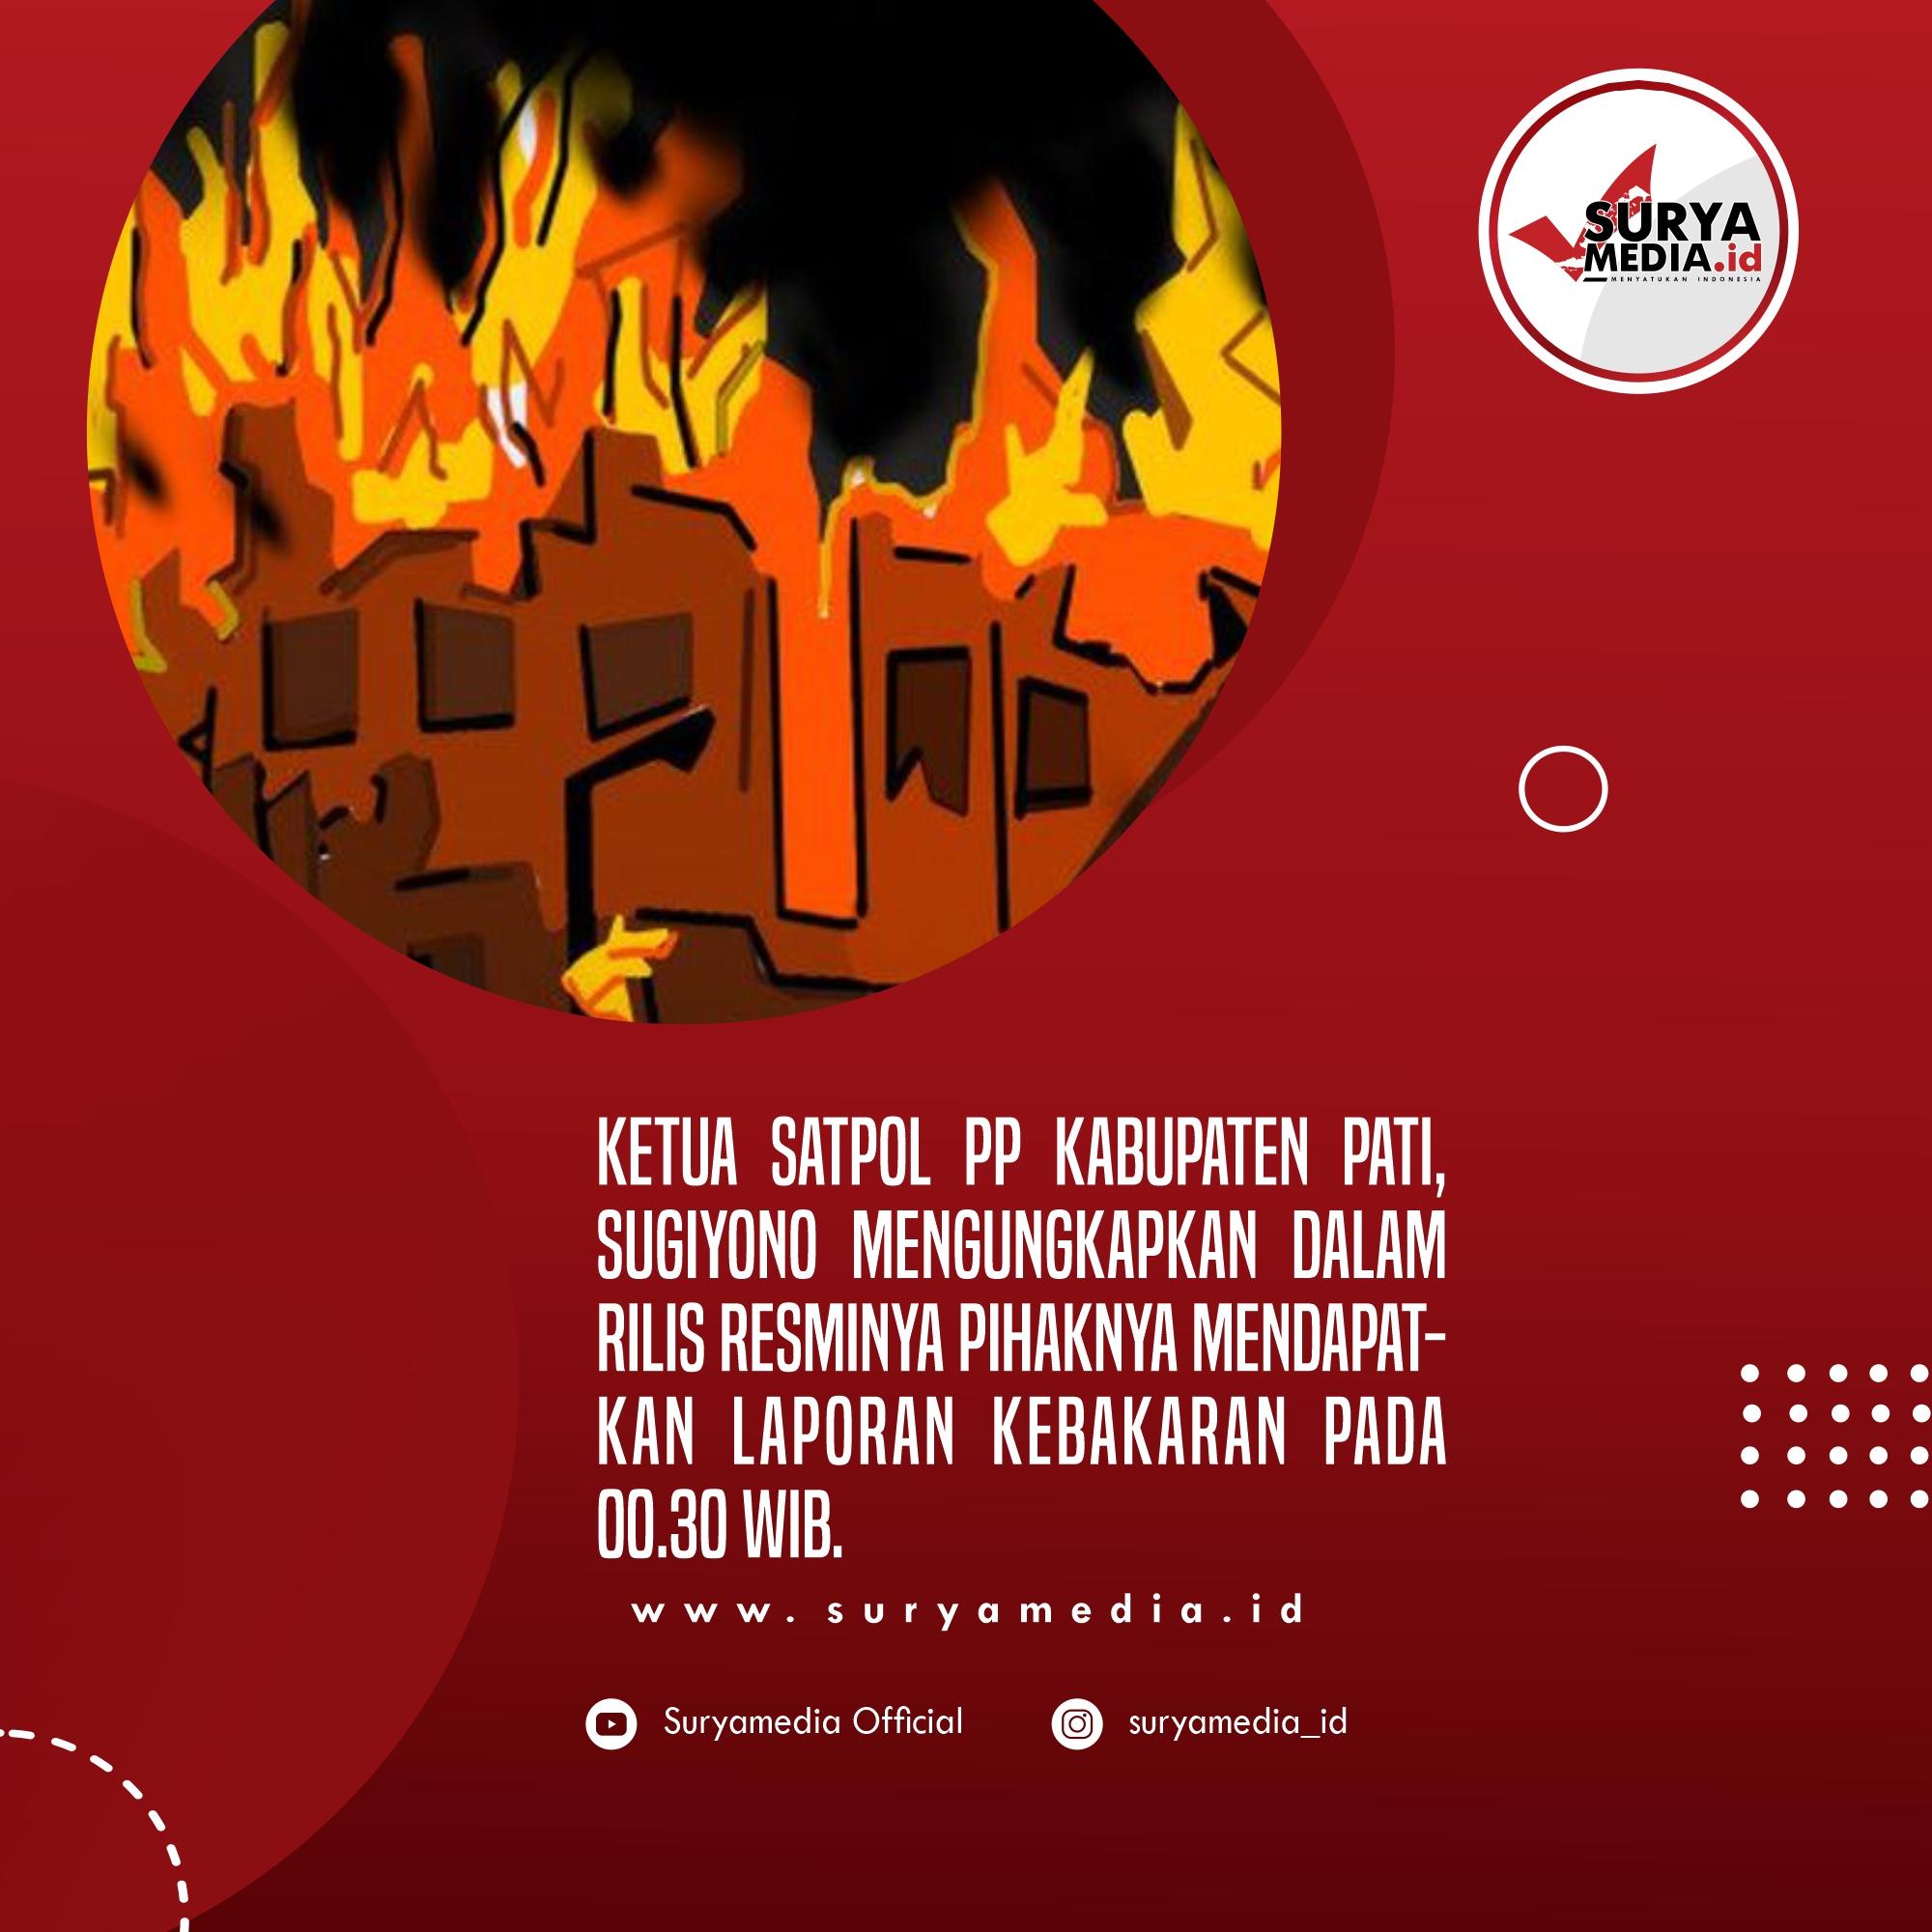 Akibat Bediang, Kandang Sapi Milik Warga Tambakromo Terbakar